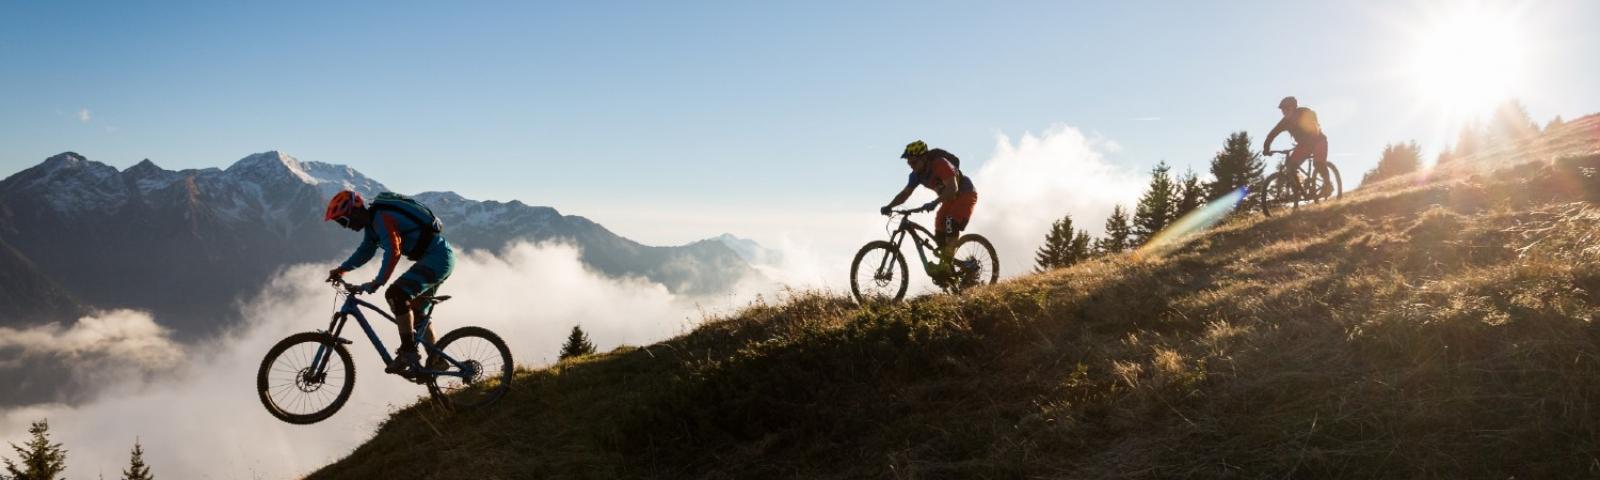 vtt mountainbike sur les crêtes du Beaufortain en Savoie